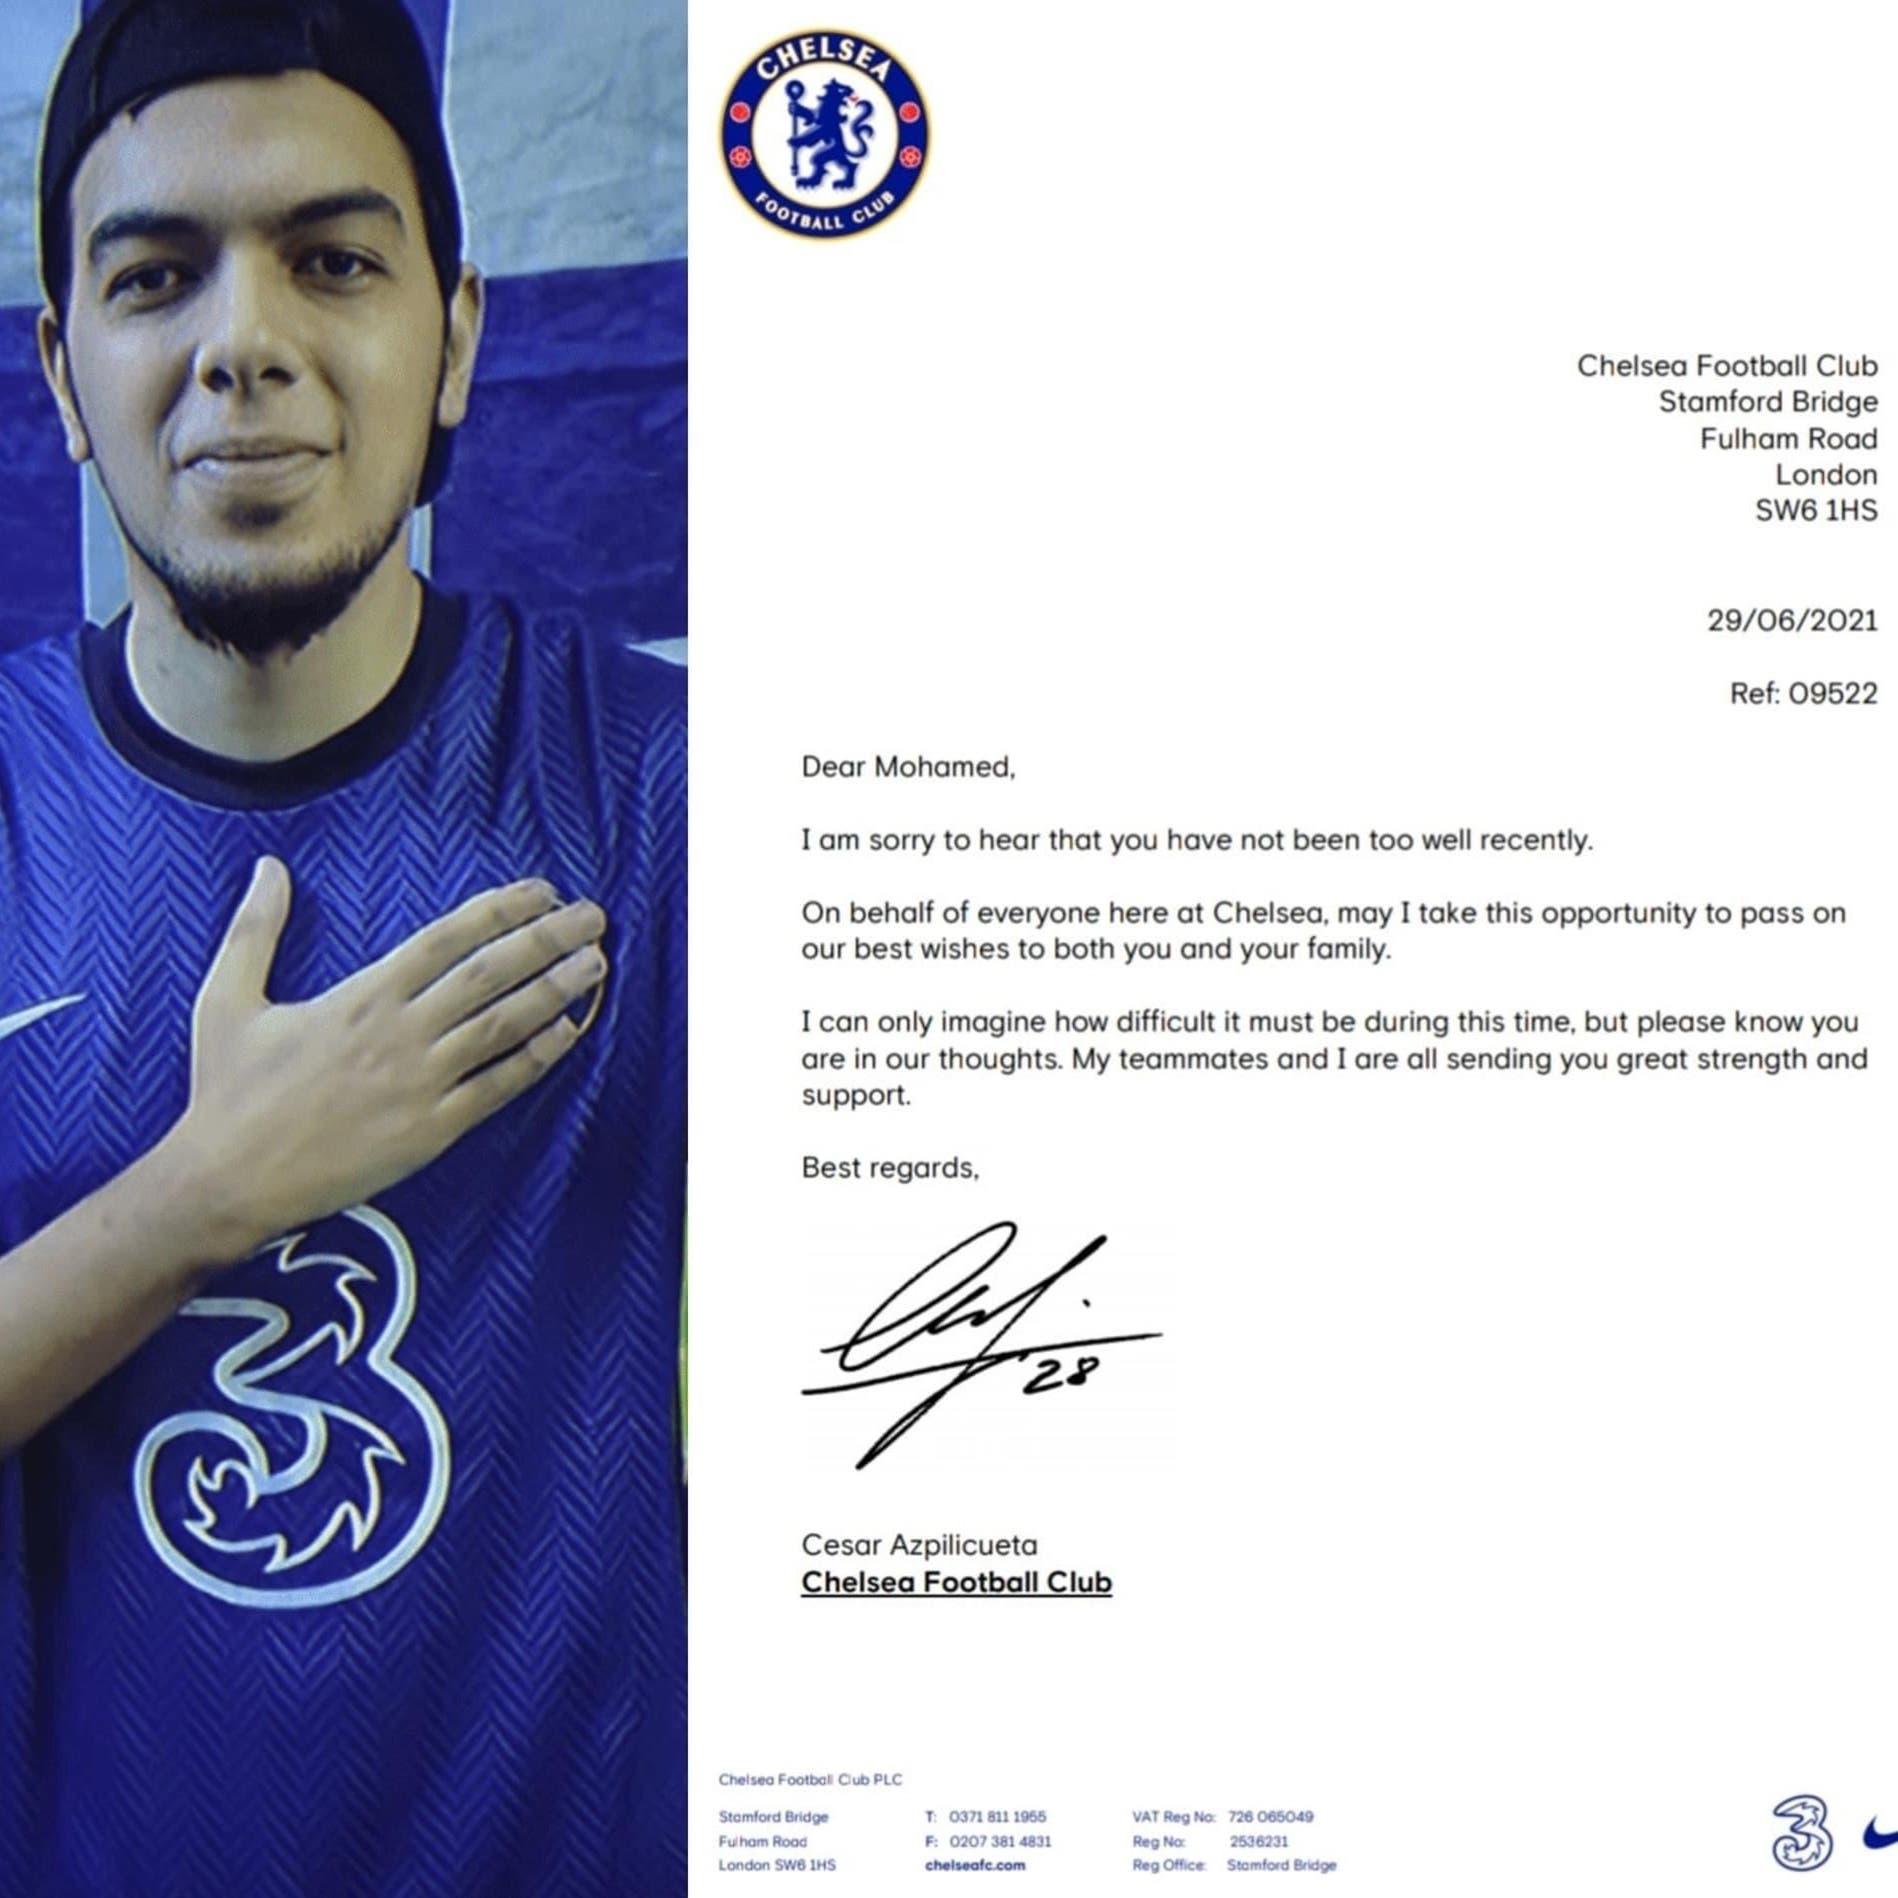 نادي تشيلسي يفاجئ مشجعاً مصرياً برسالة دعم لمواجهة مرضه